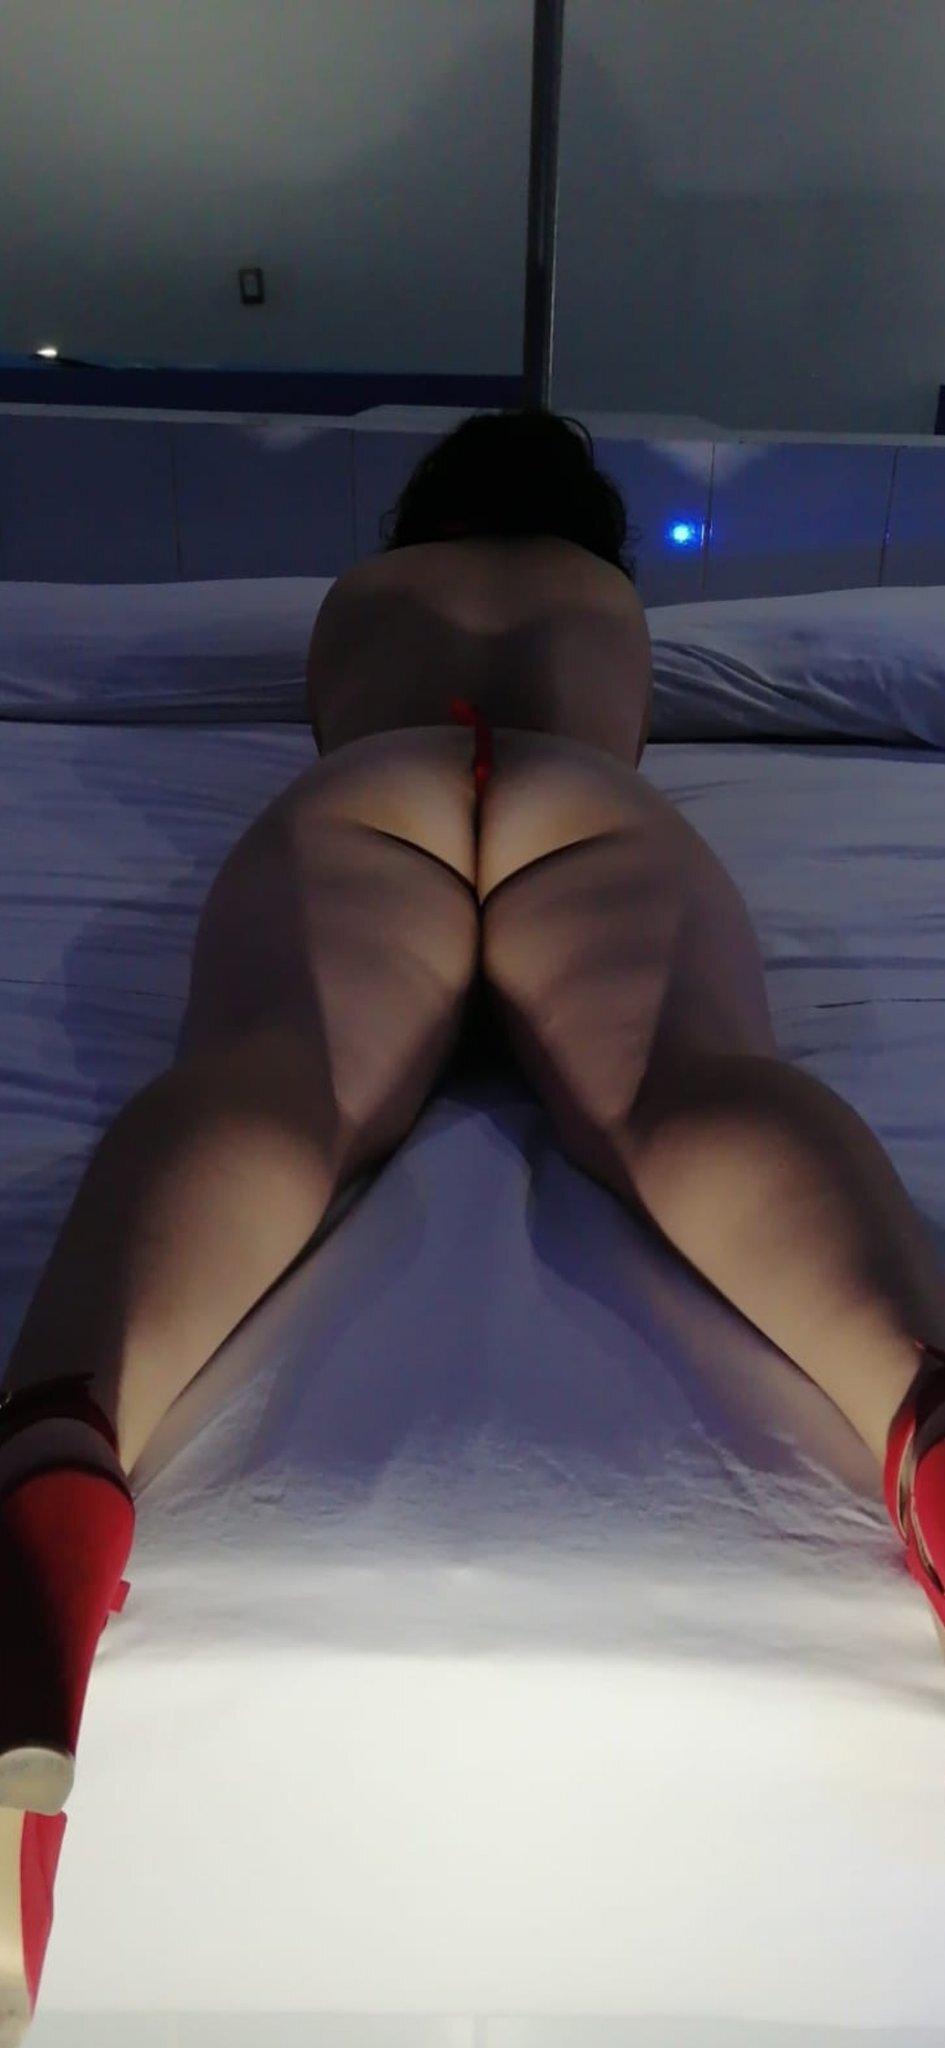 fotos mujeres caseras, mujeres desnudas, imagenes sexo gratis